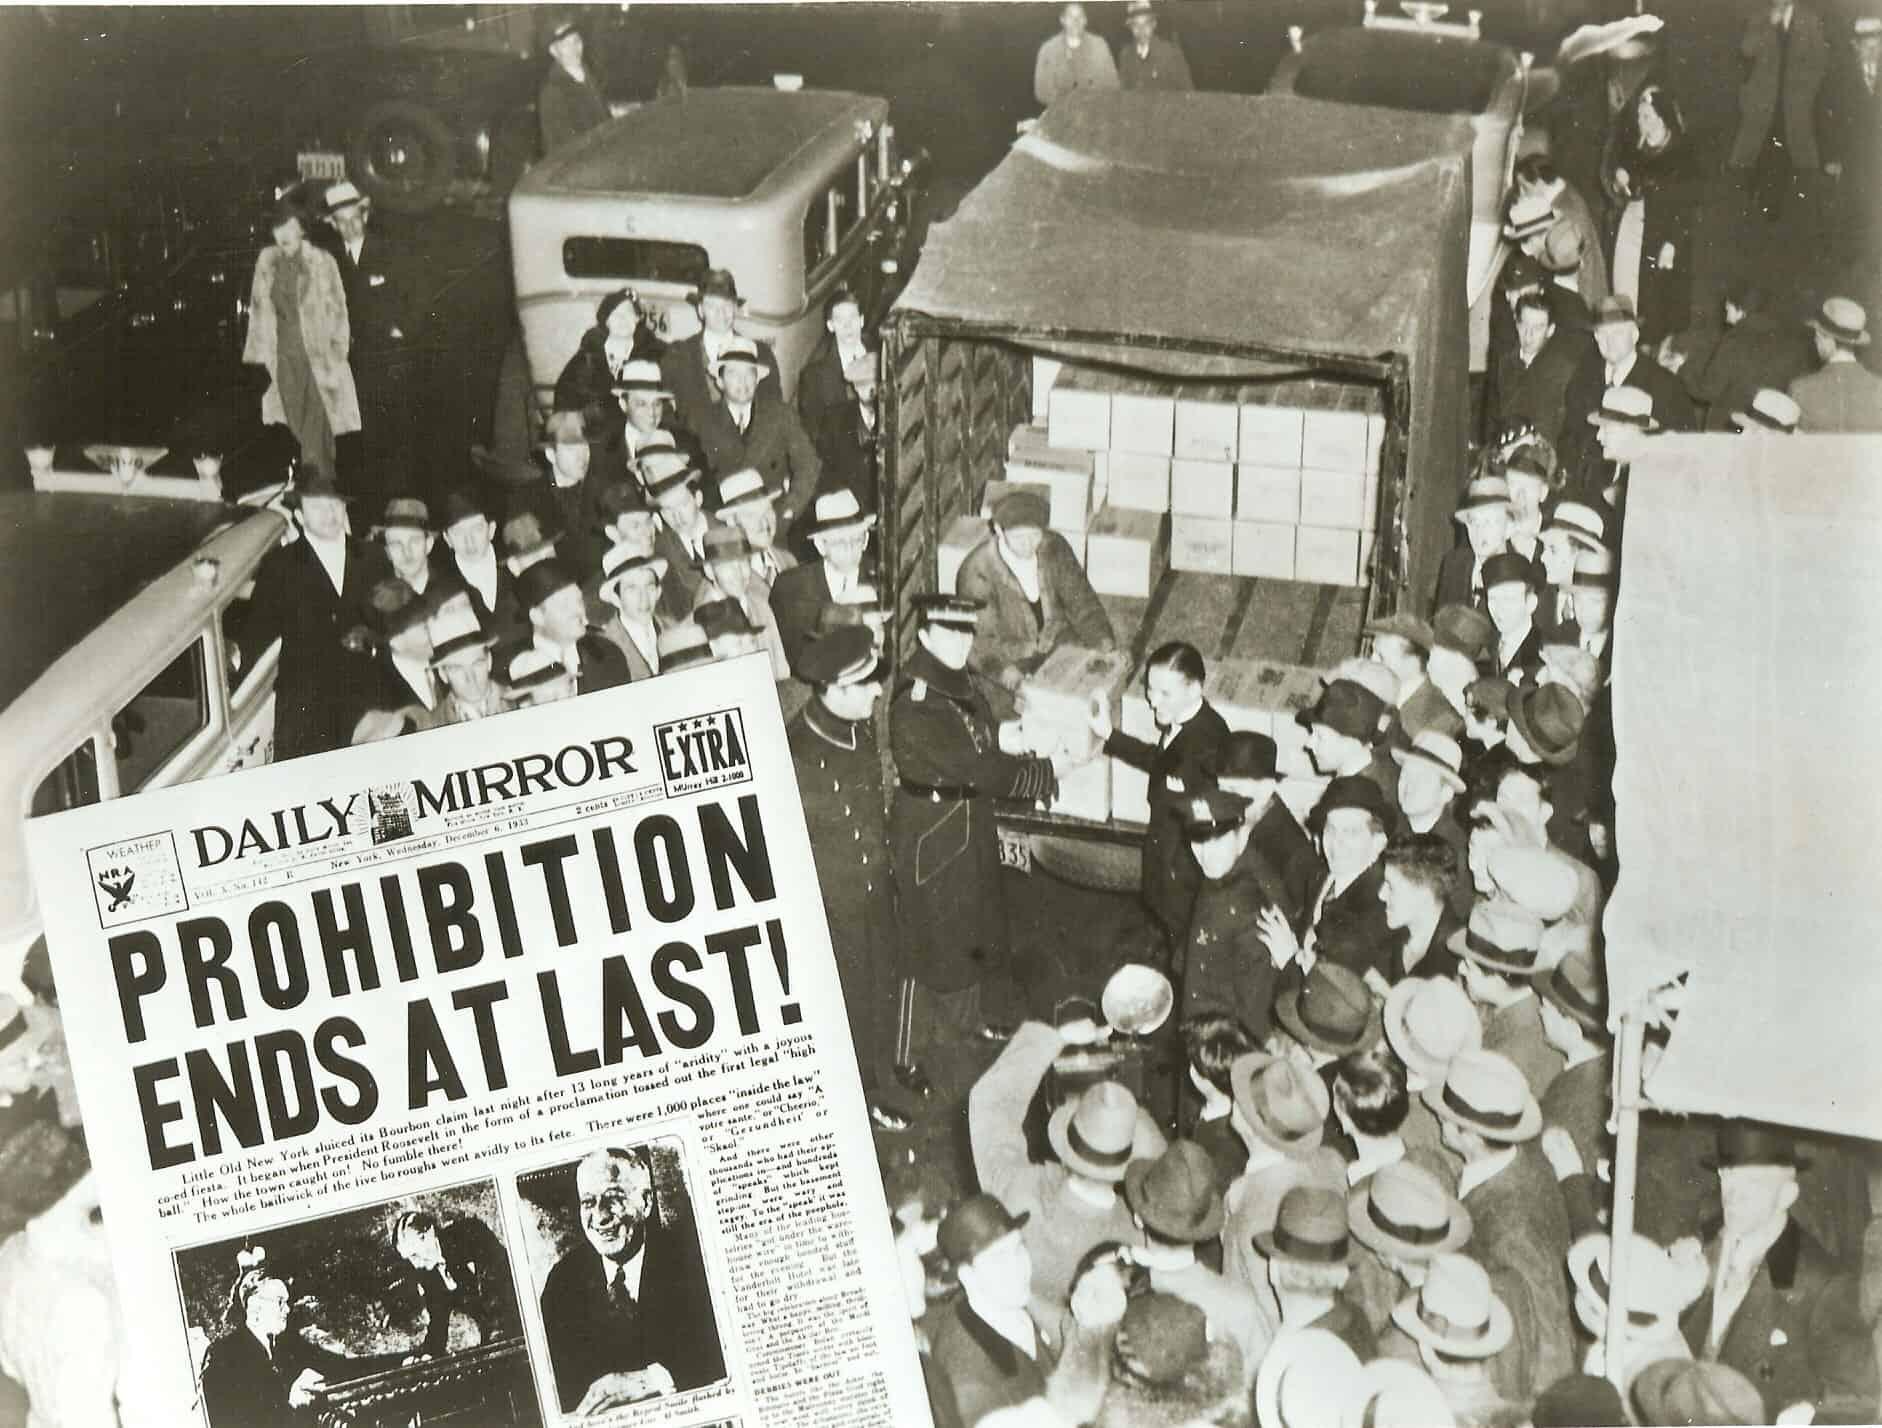 1933; prohibition end